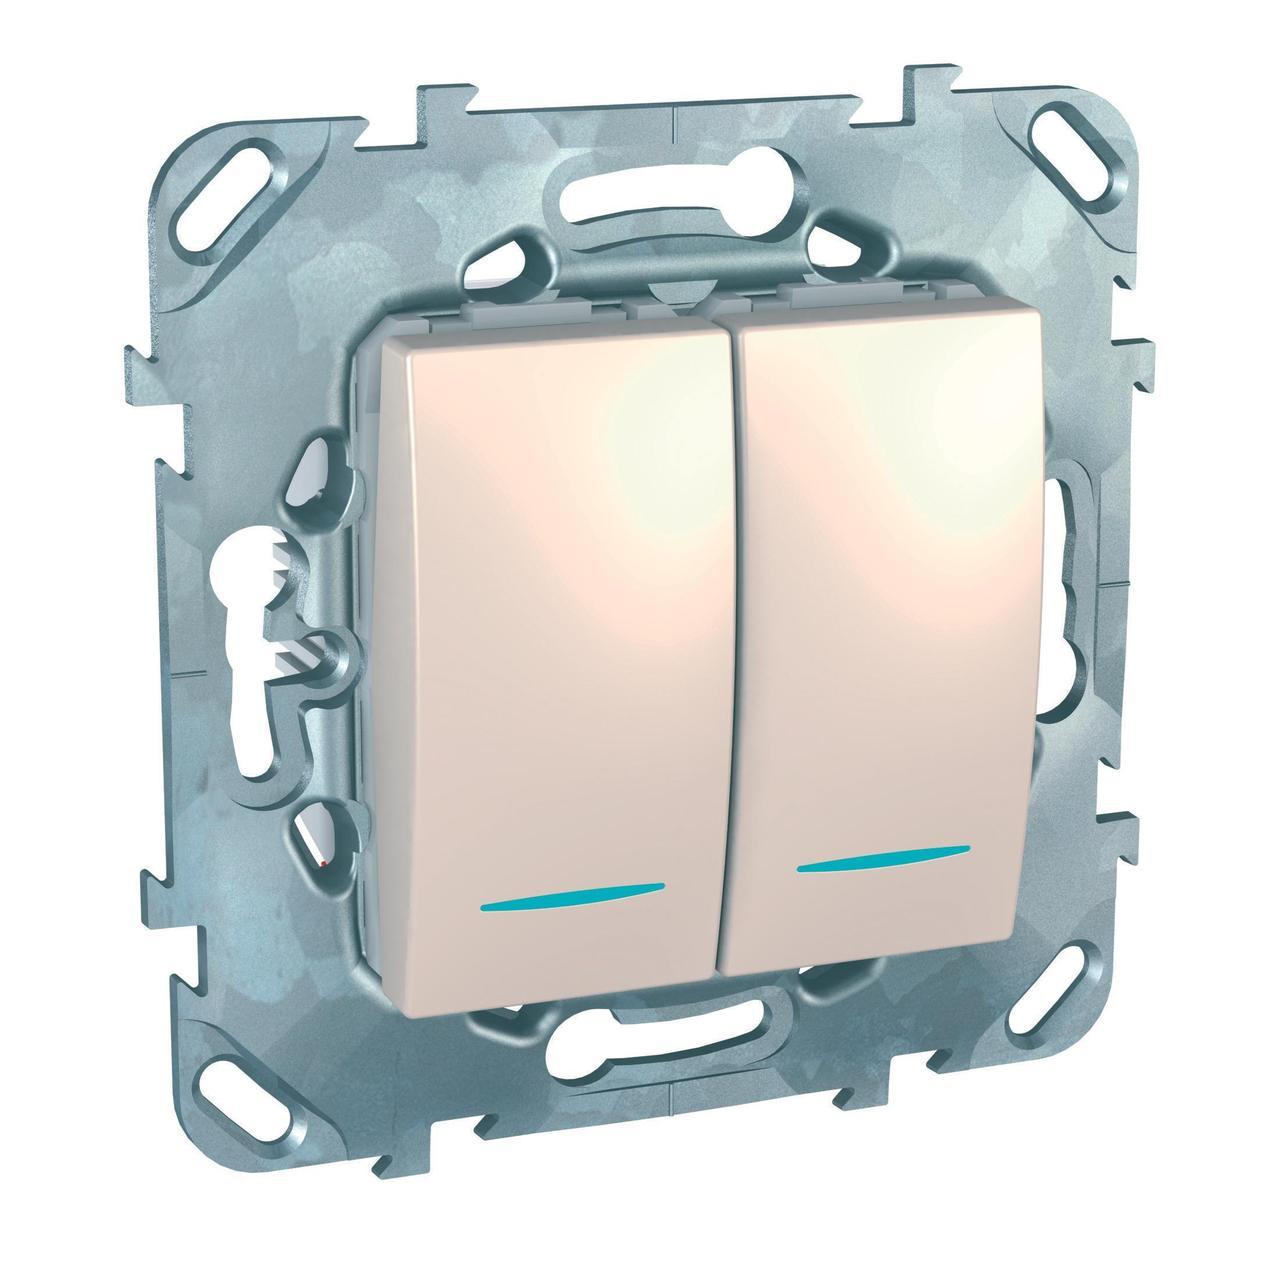 Выключатель 2-клавишный проходной с подсветкой (с двух мест) , Бежевый, серия Unica, Schneider Electric